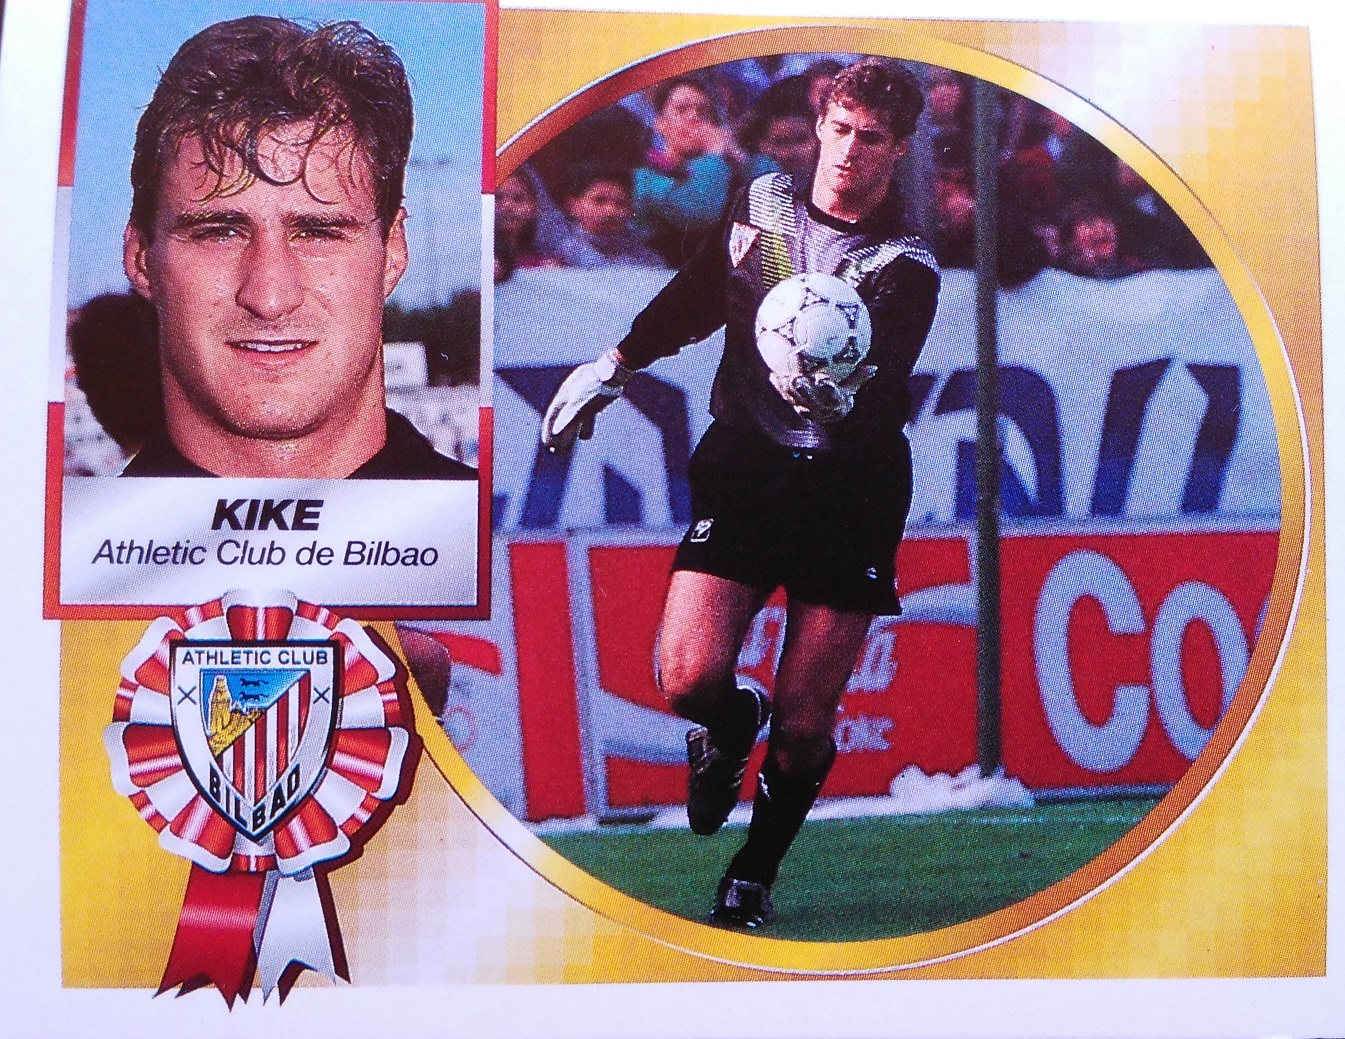 Cromo de Kike Burgos de la temporada 94/95 (Ed. Este).